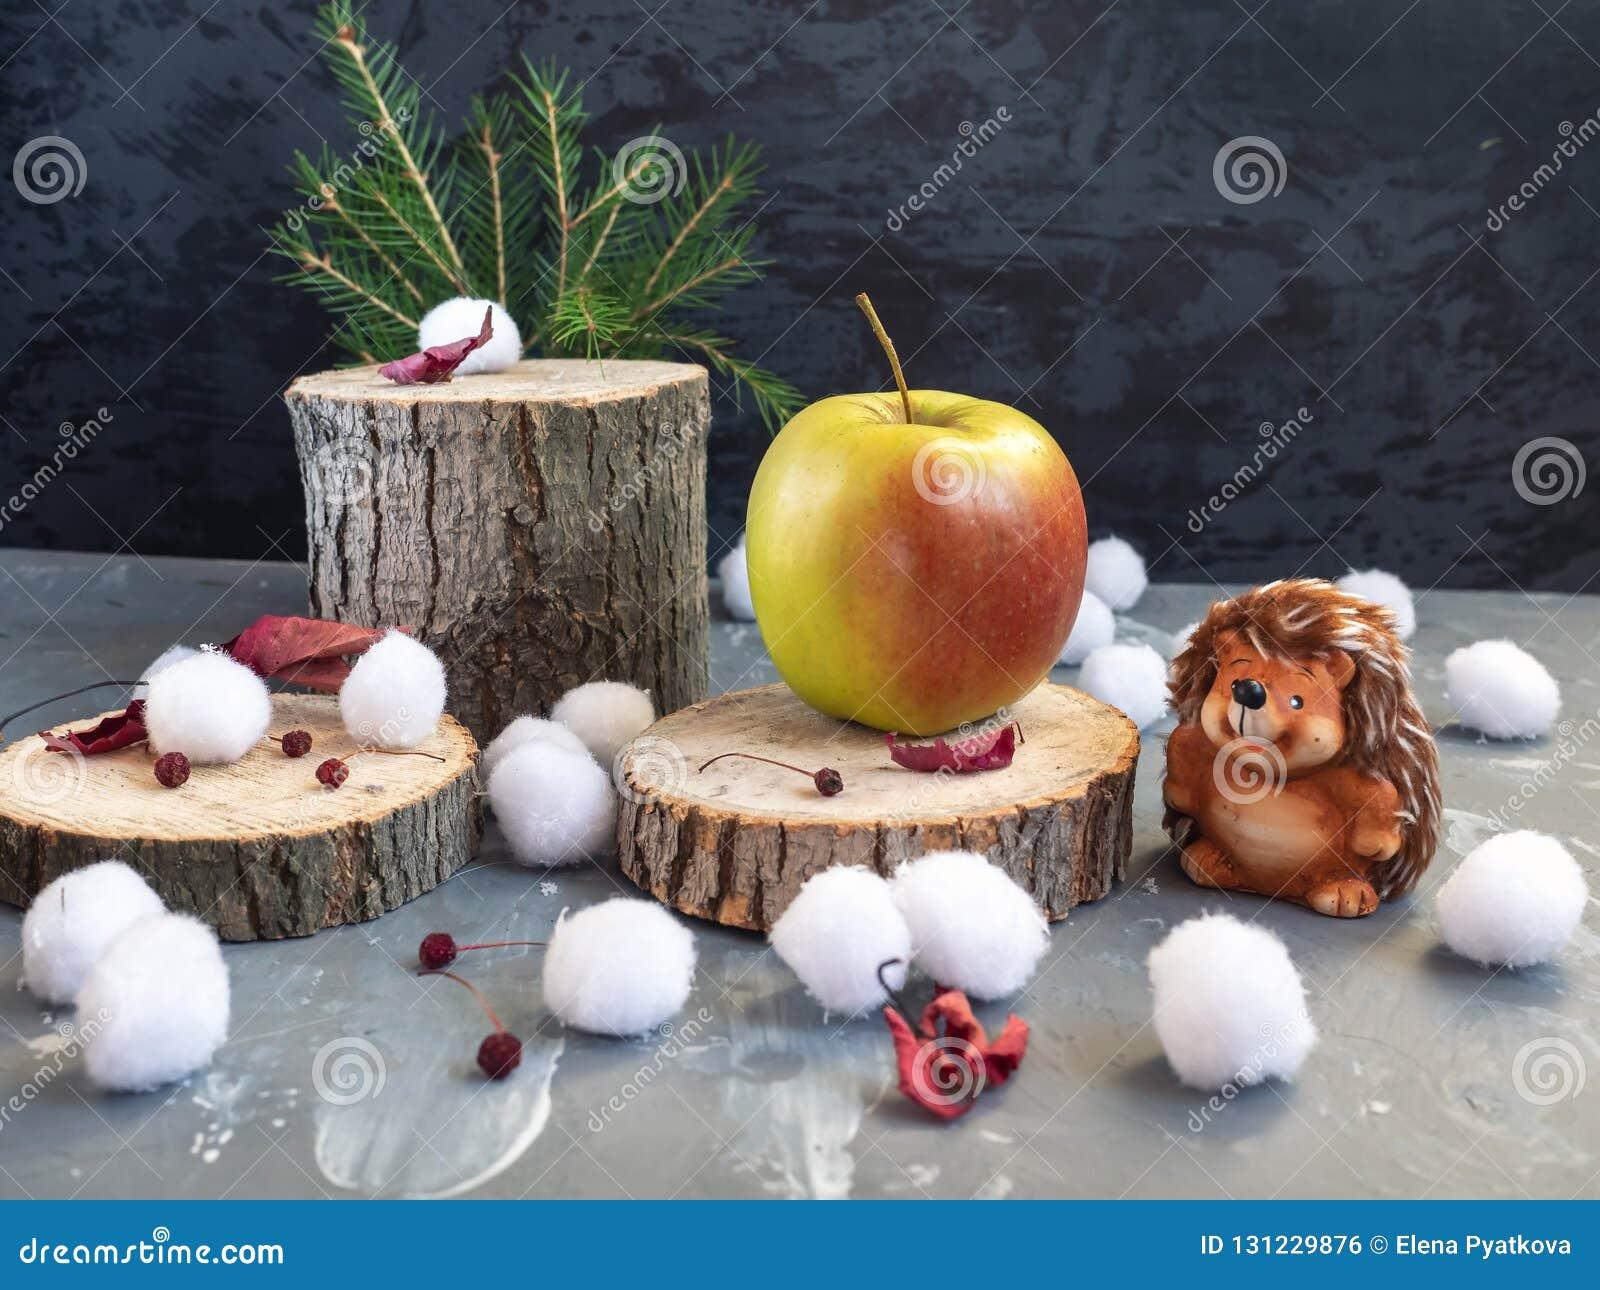 Tarjeta de Navidad El erizo encontró una manzana grande en el cáñamo del bosque Bolas de nieve, hojas de otoño secas